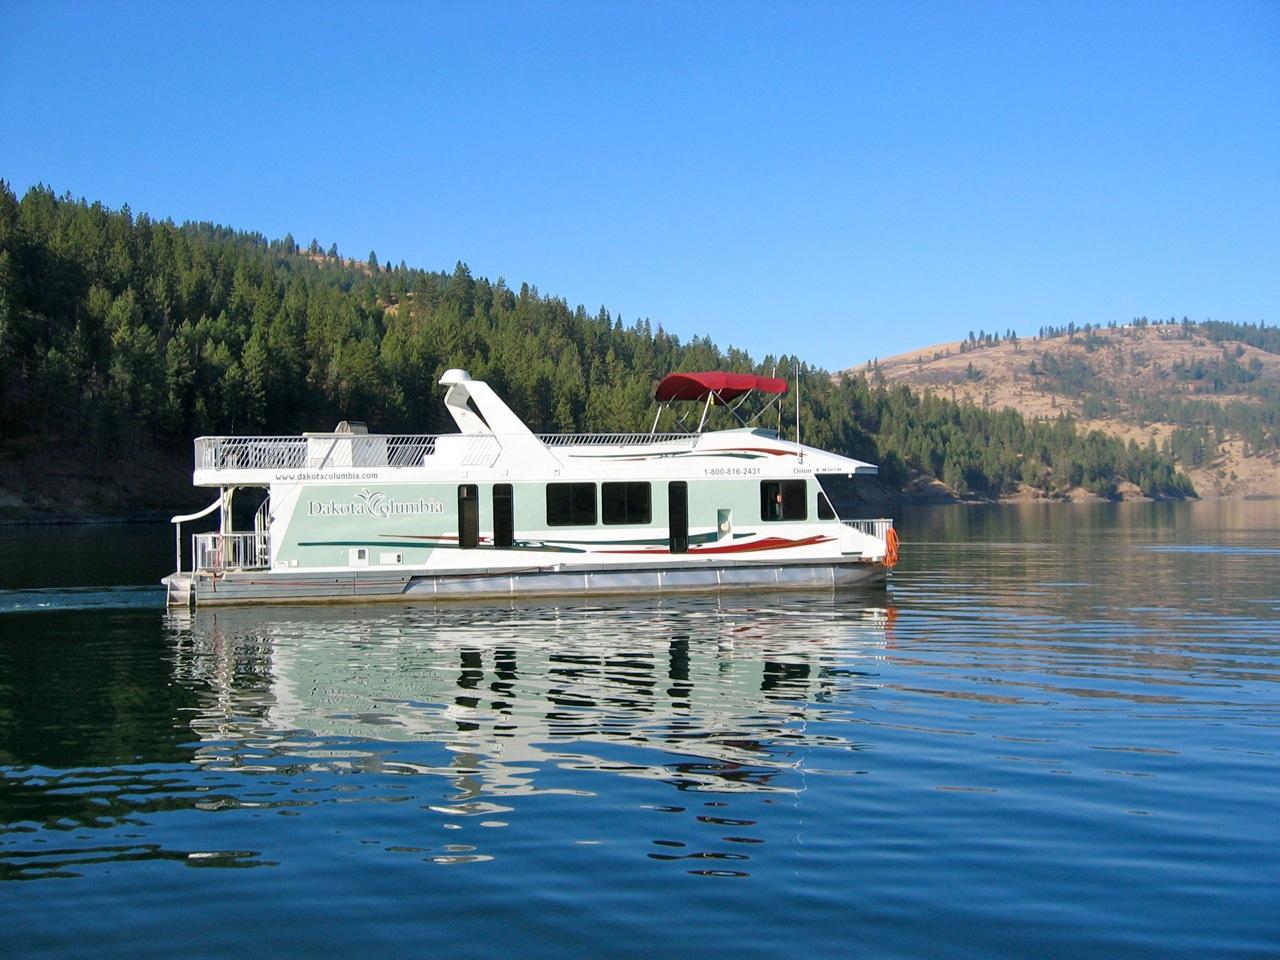 Dakota Columbia Houseboat